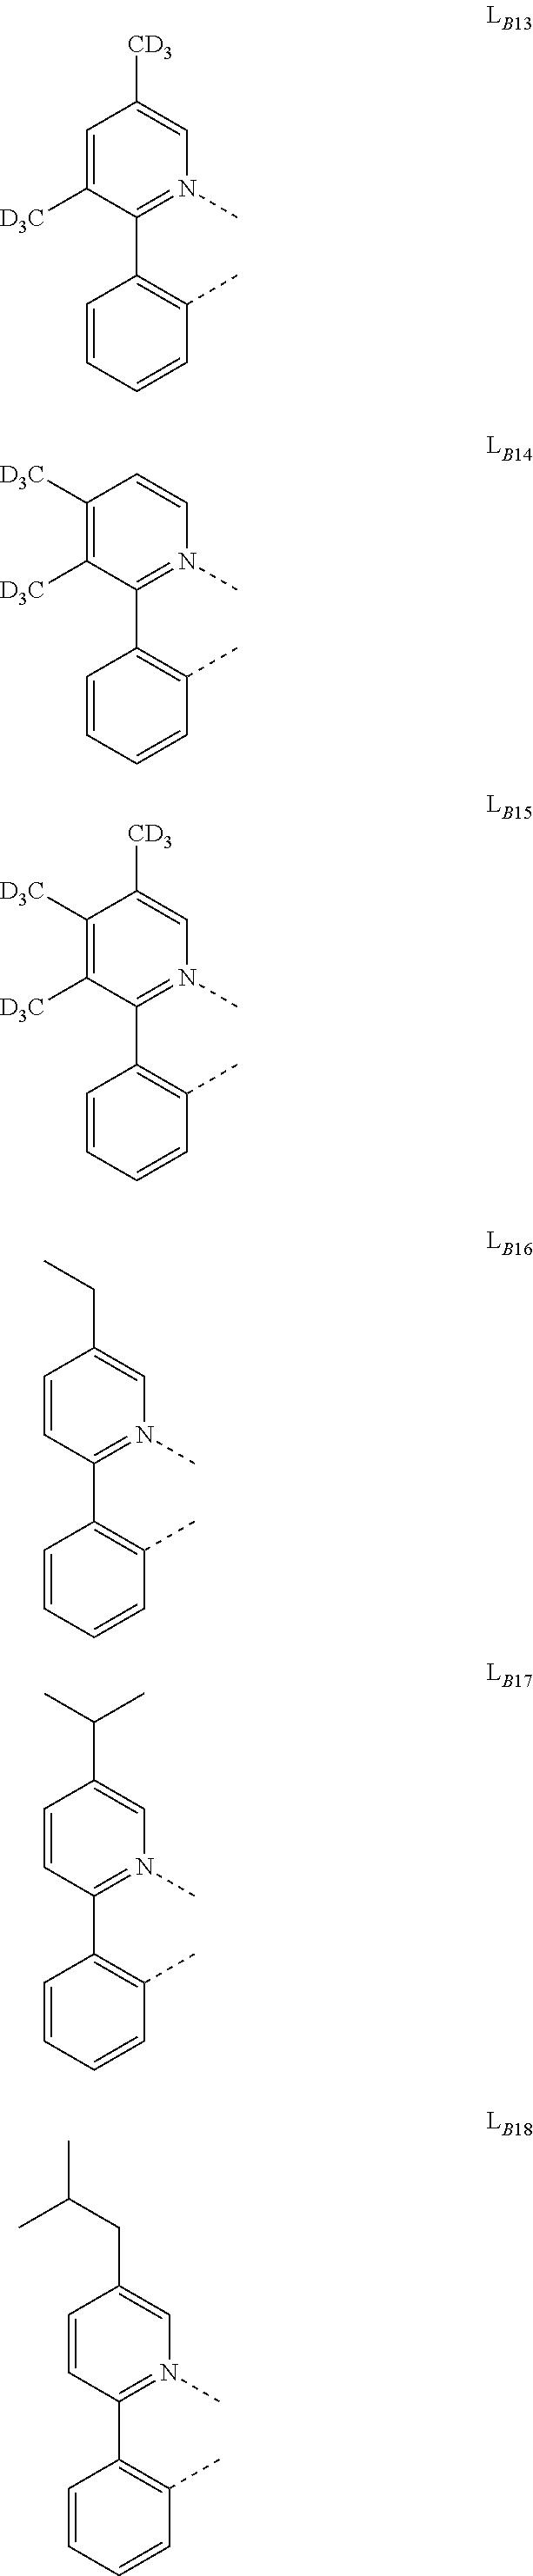 Figure US20180130962A1-20180510-C00263